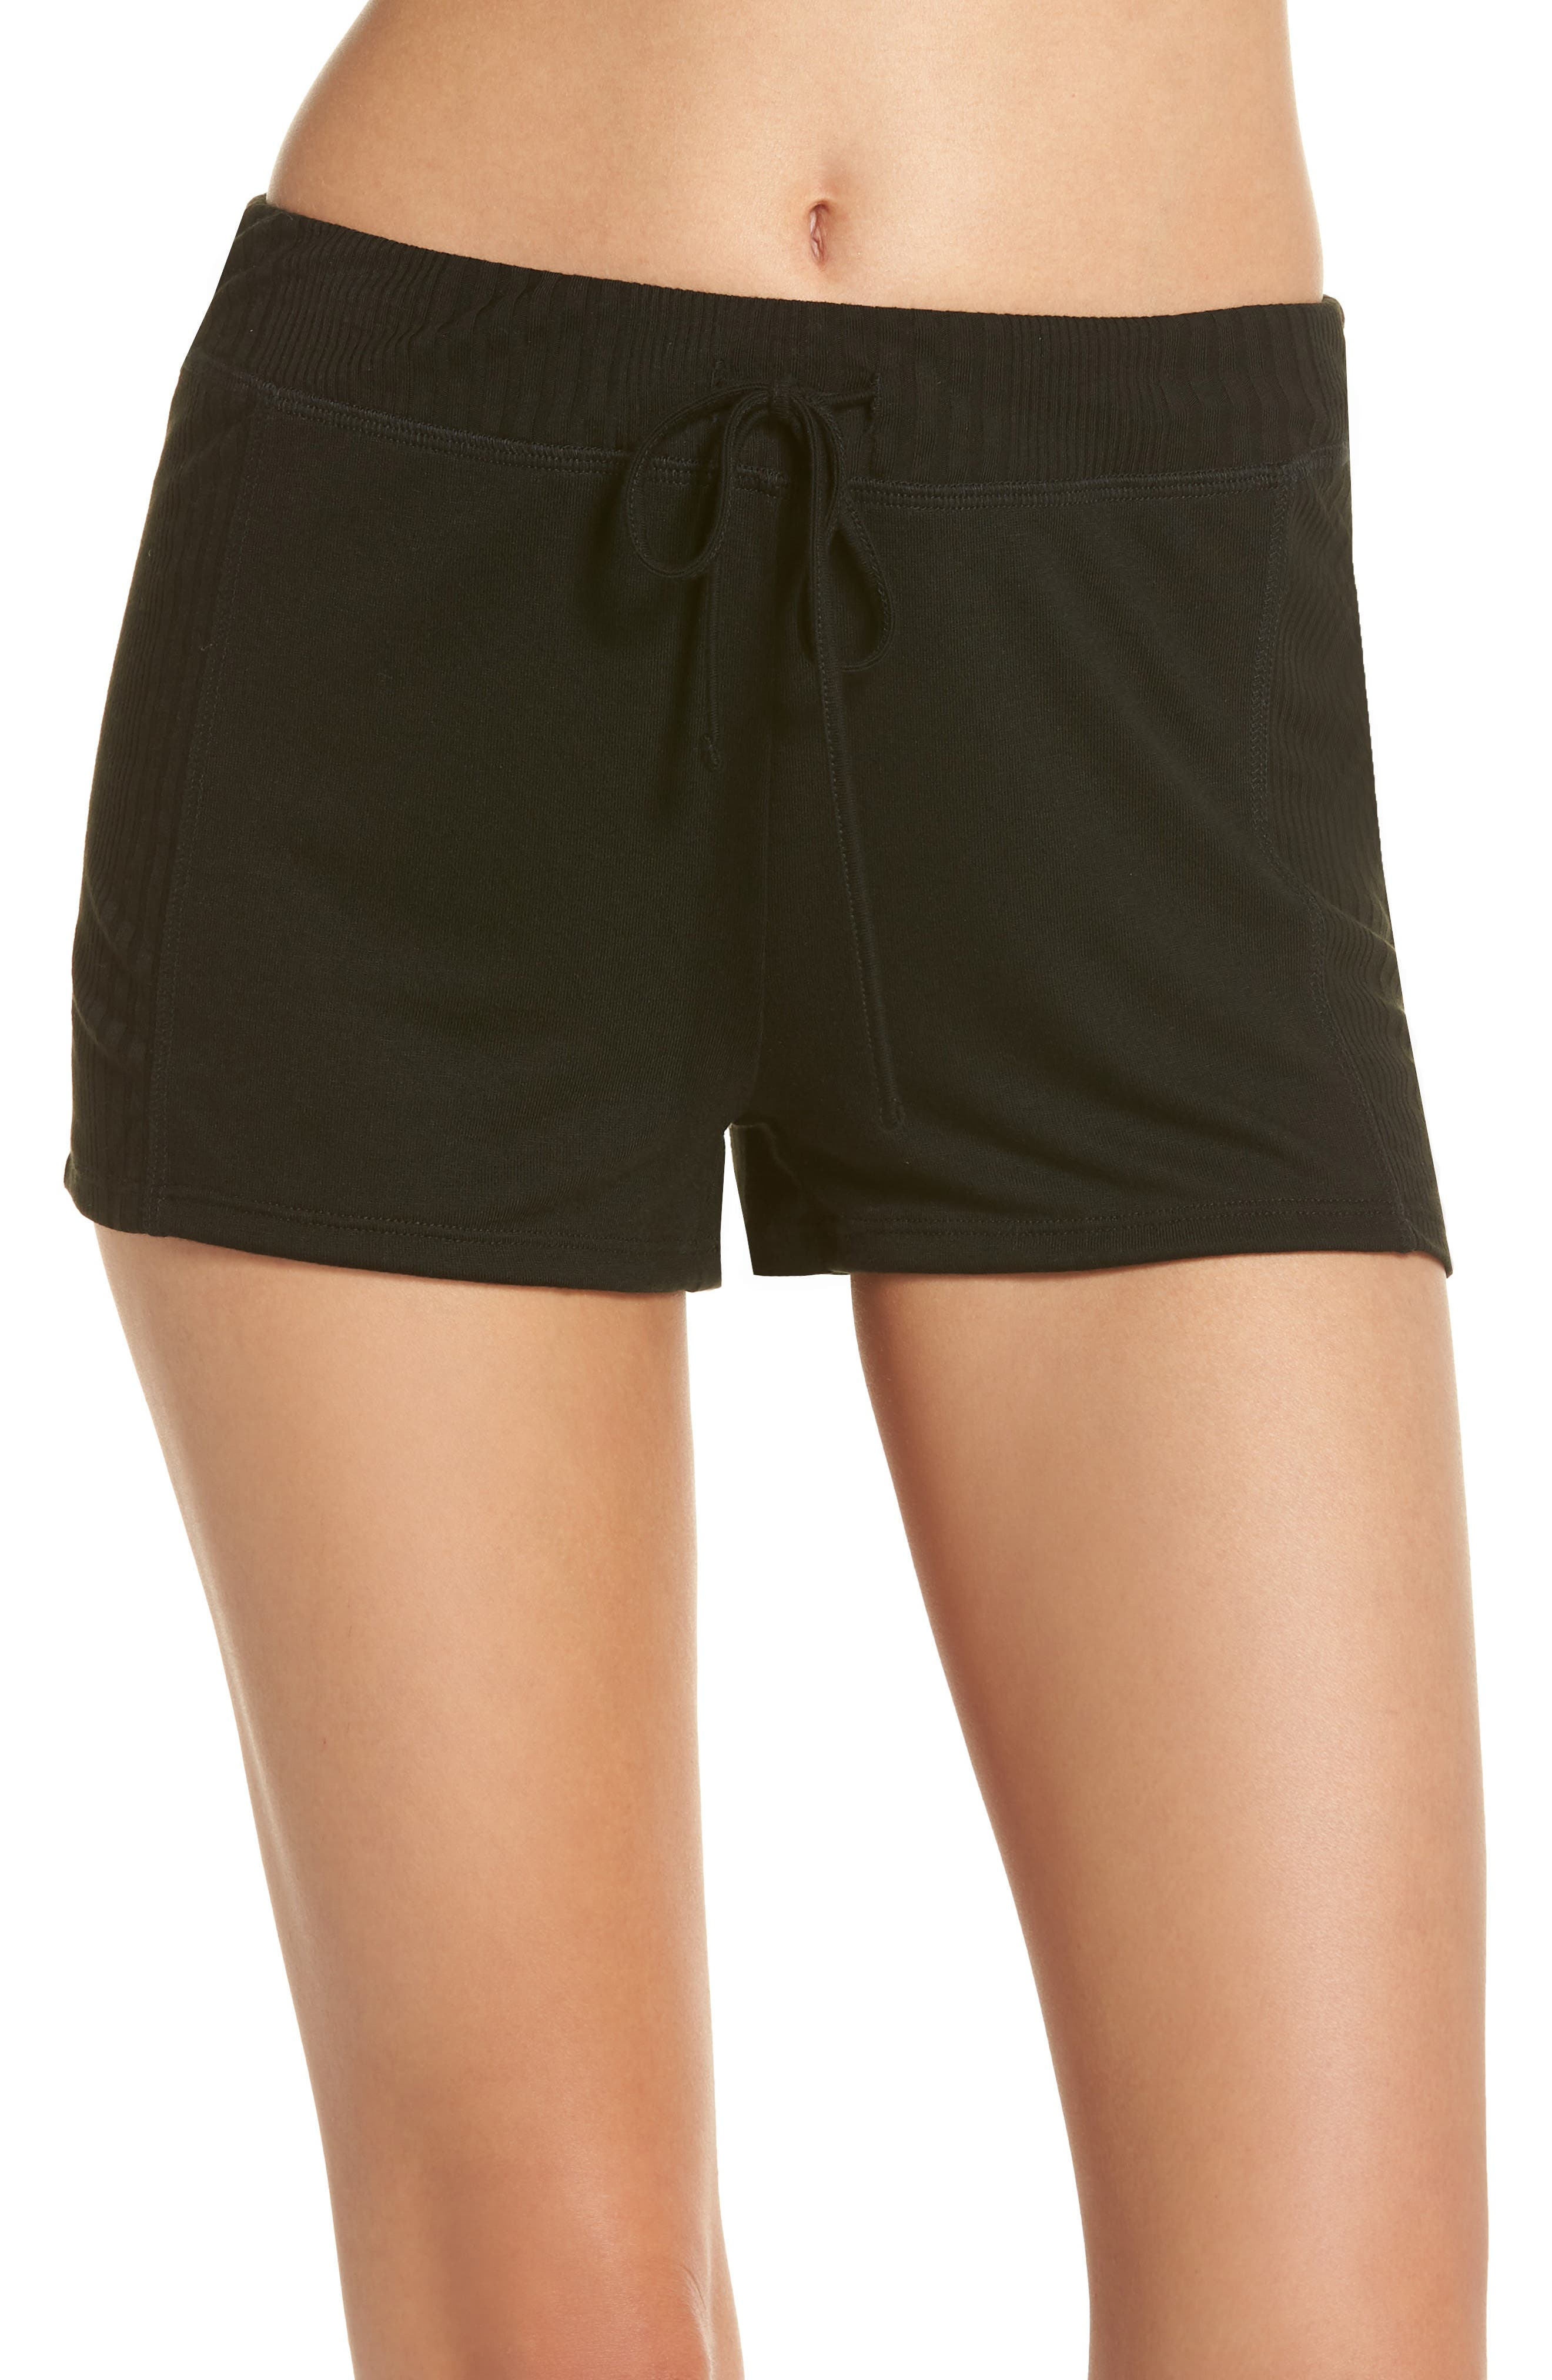 Pajama Shorts,                             Main thumbnail 1, color,                             Black